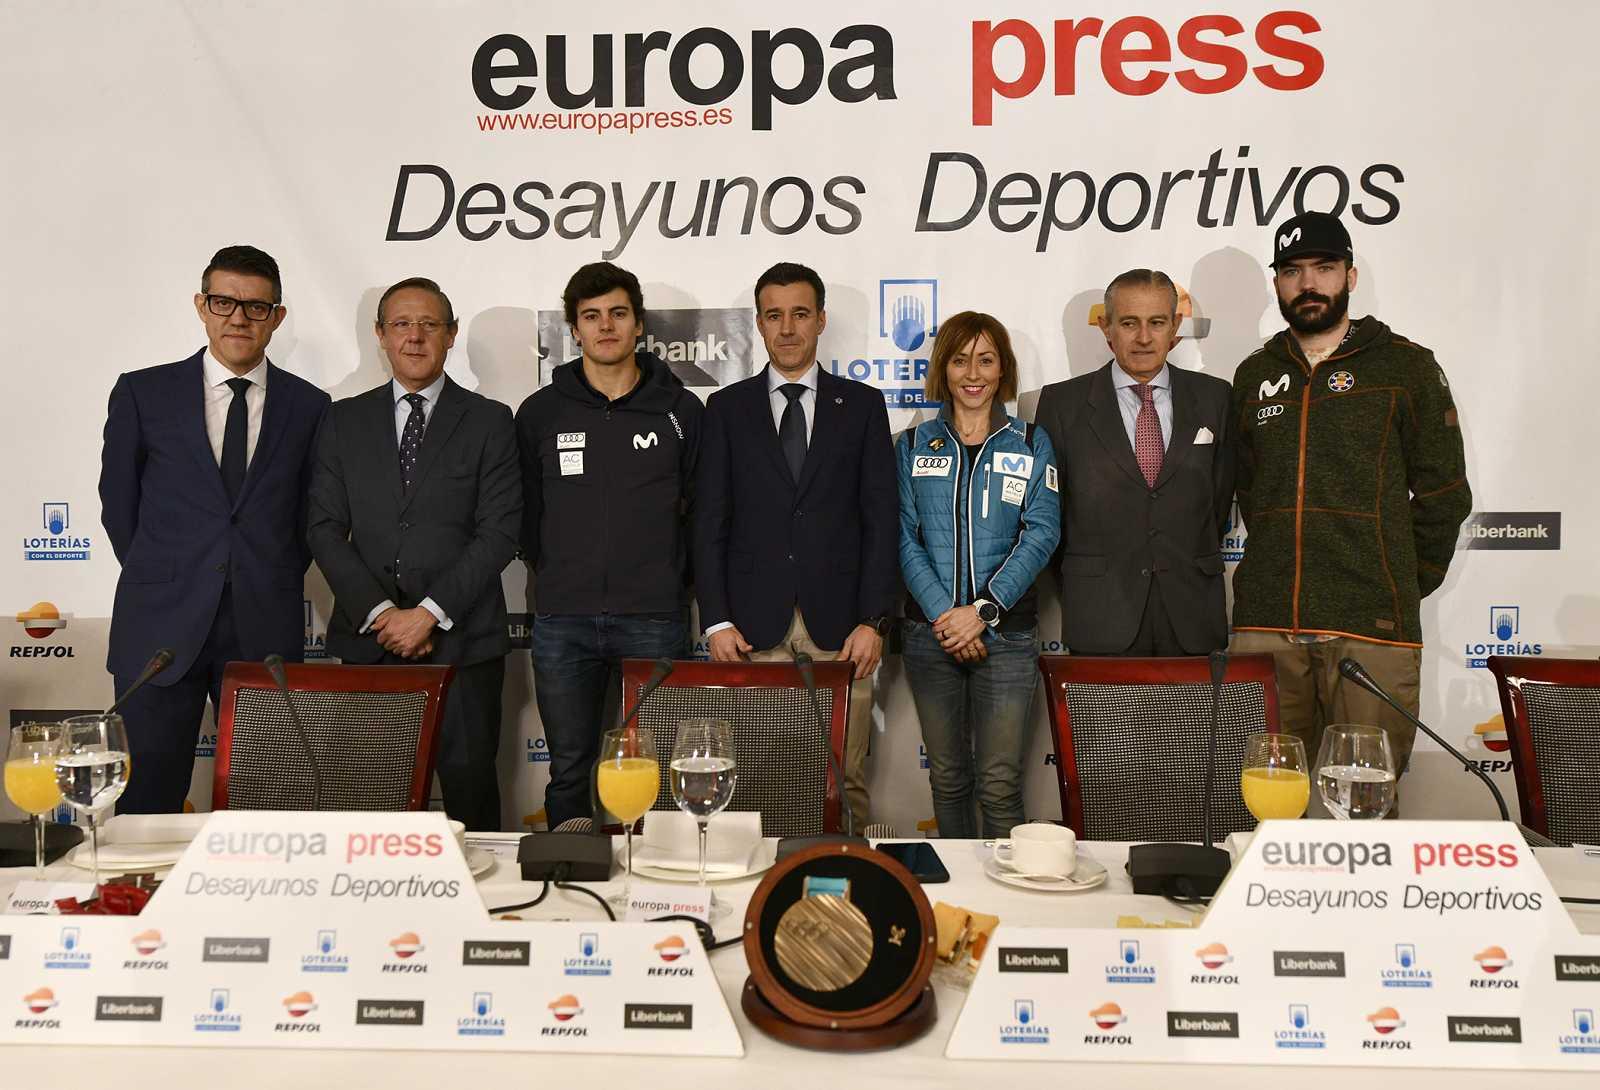 May Peus, Juan del Campo, Paula Fernández Ochoa y Regino Hernández durante el encuentro informativo.